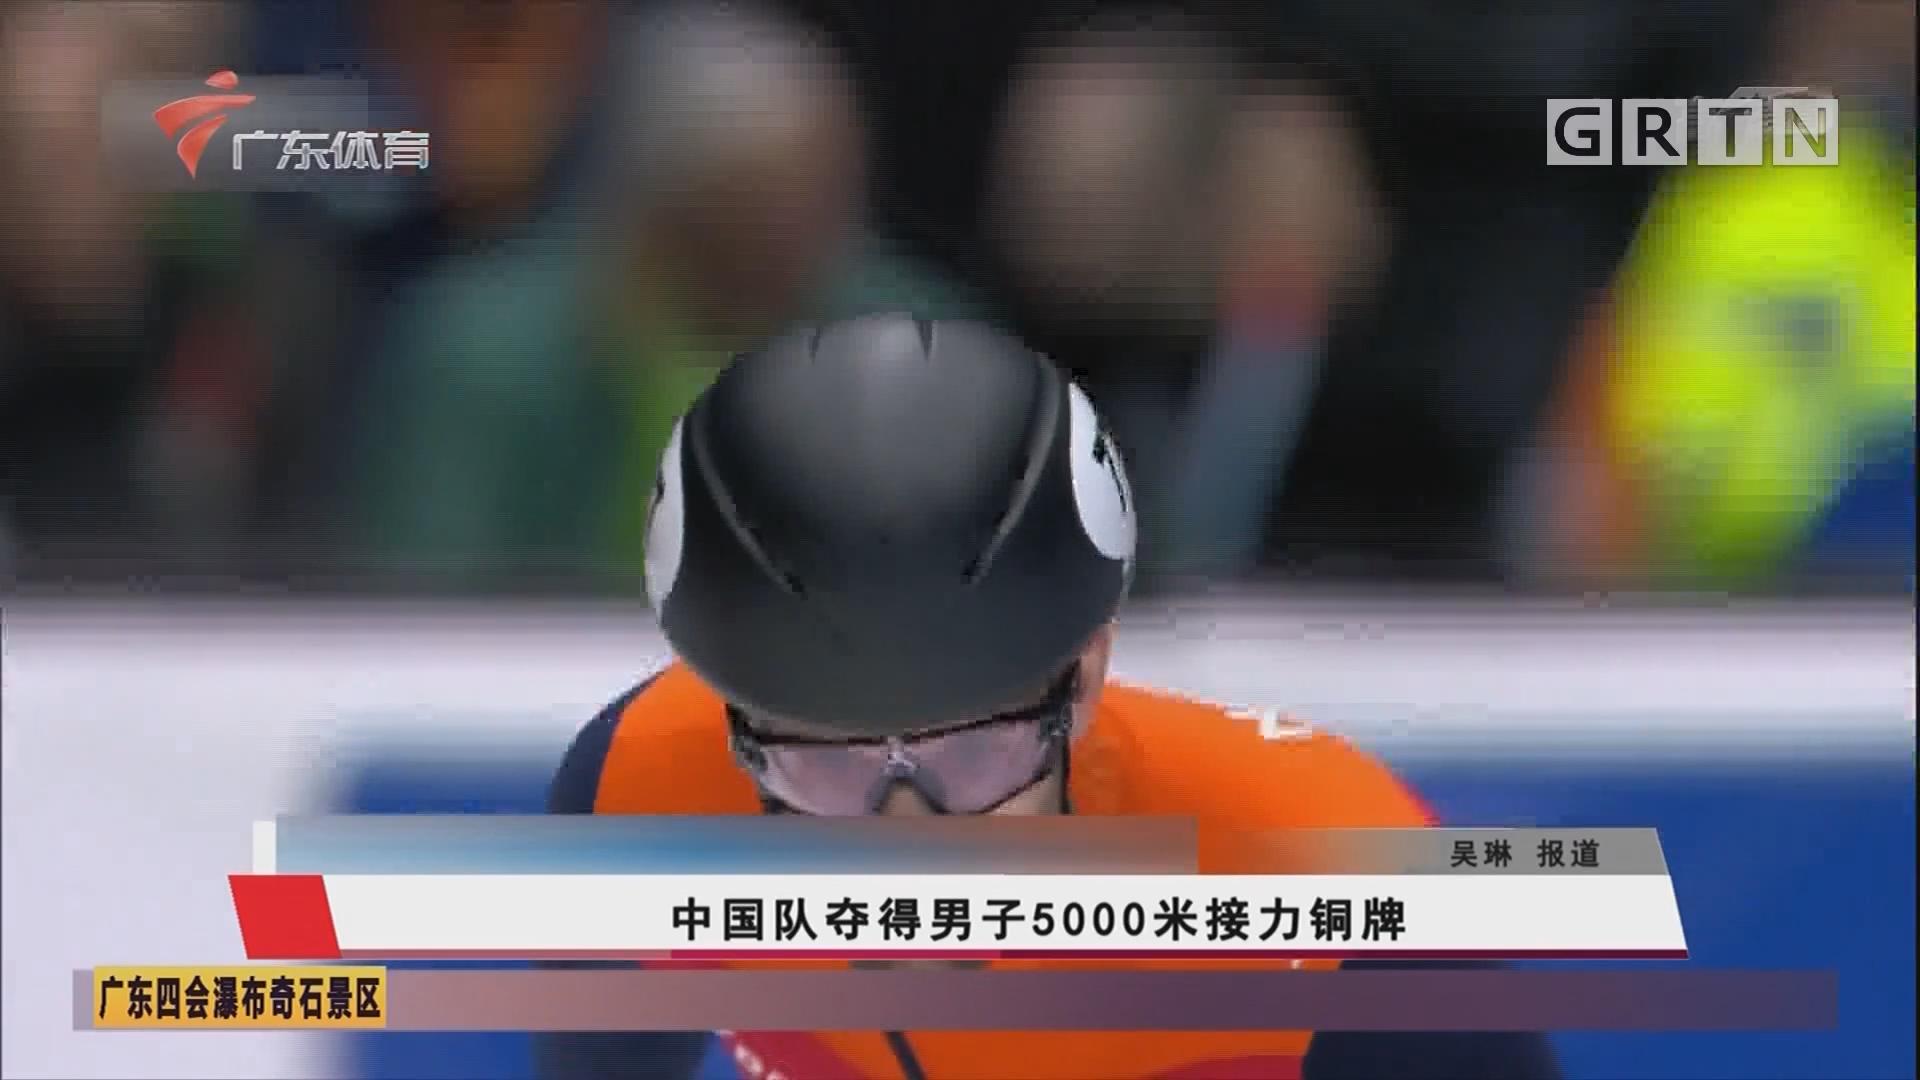 中国队夺得男子5000米接力铜牌